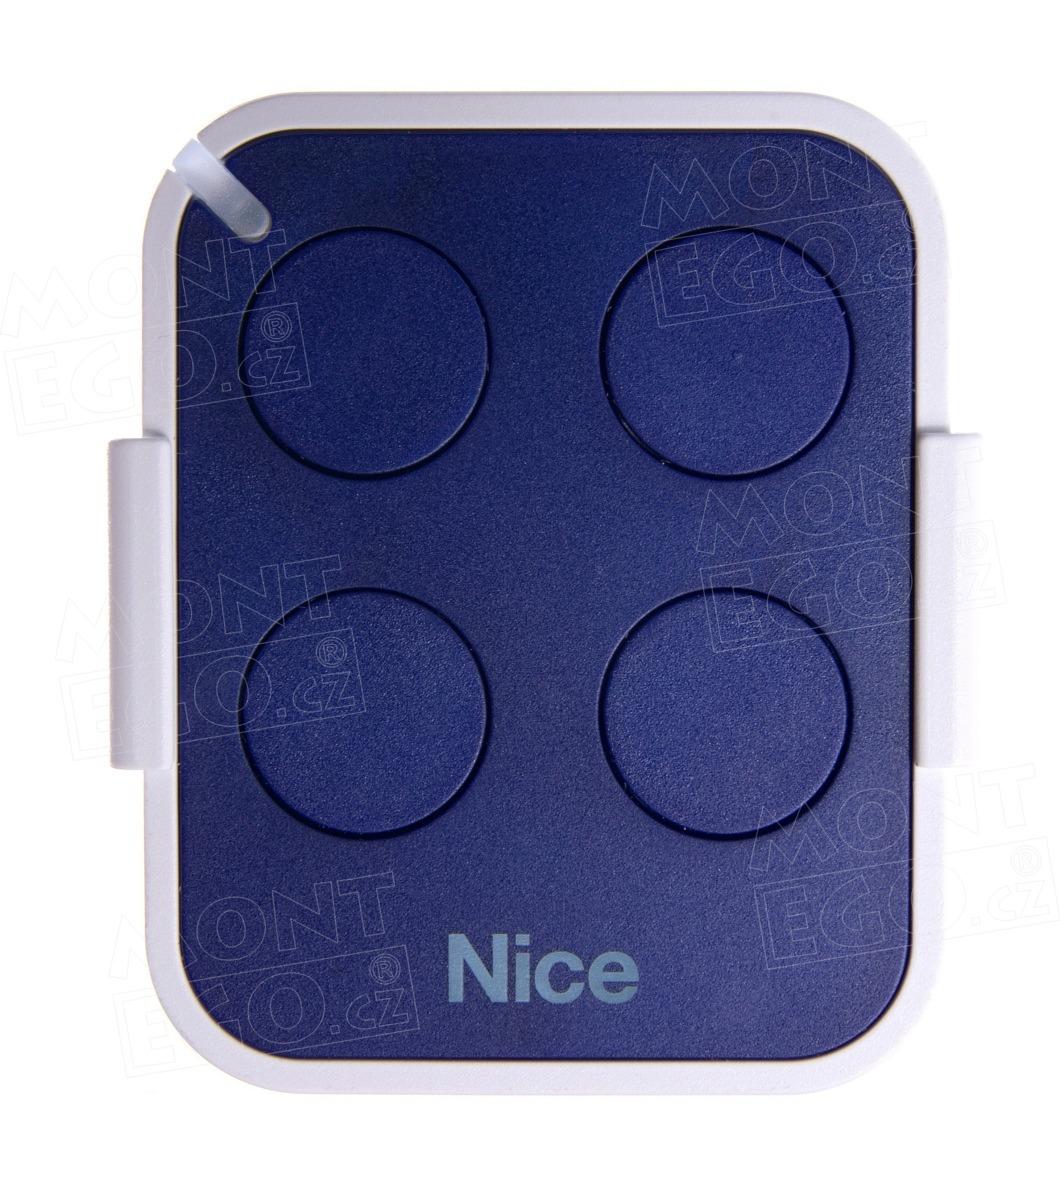 Nice ON4EFM 4 kanálový dálkový ovládač pro místa s zarušeným signálem, frekvence 868,46 MHz